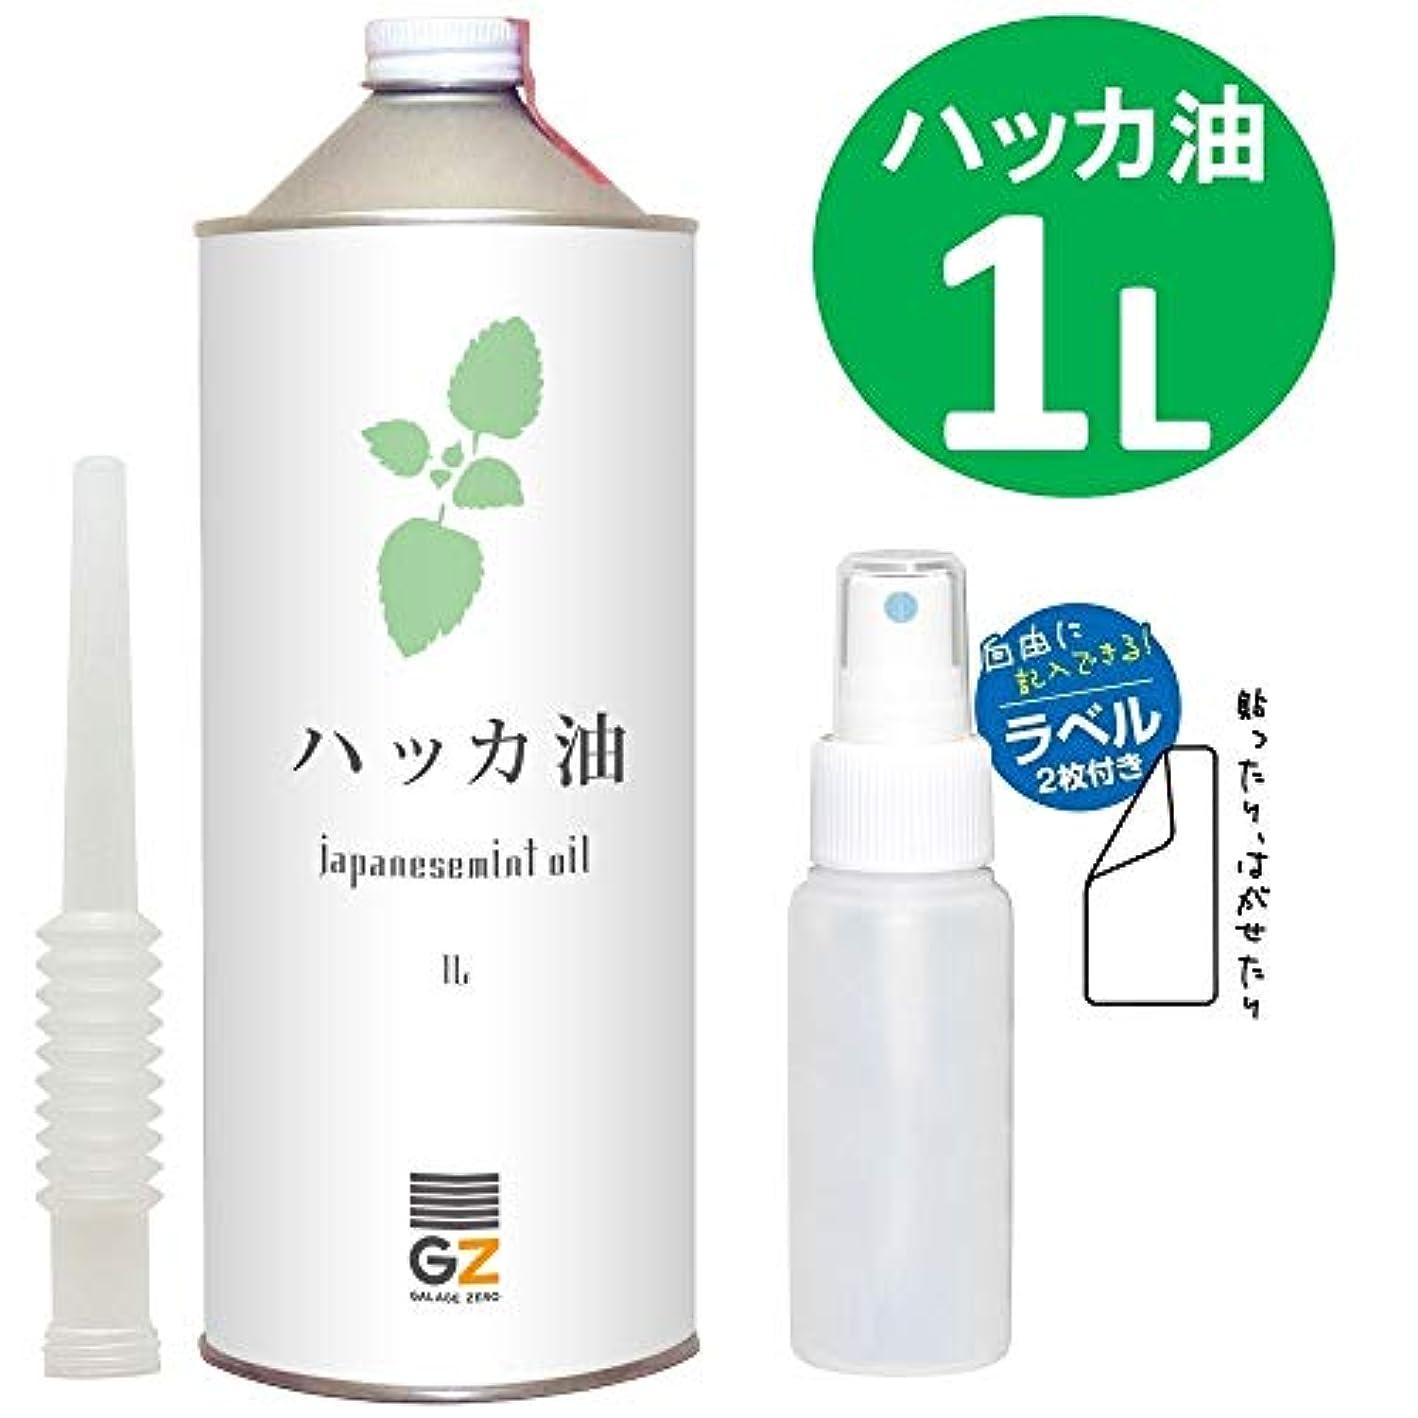 無意味浜辺ガレージ?ゼロ ハッカ油 1L(GZAK14)+50mlPEスプレーボトル/和種薄荷/ジャパニーズミント GSE531